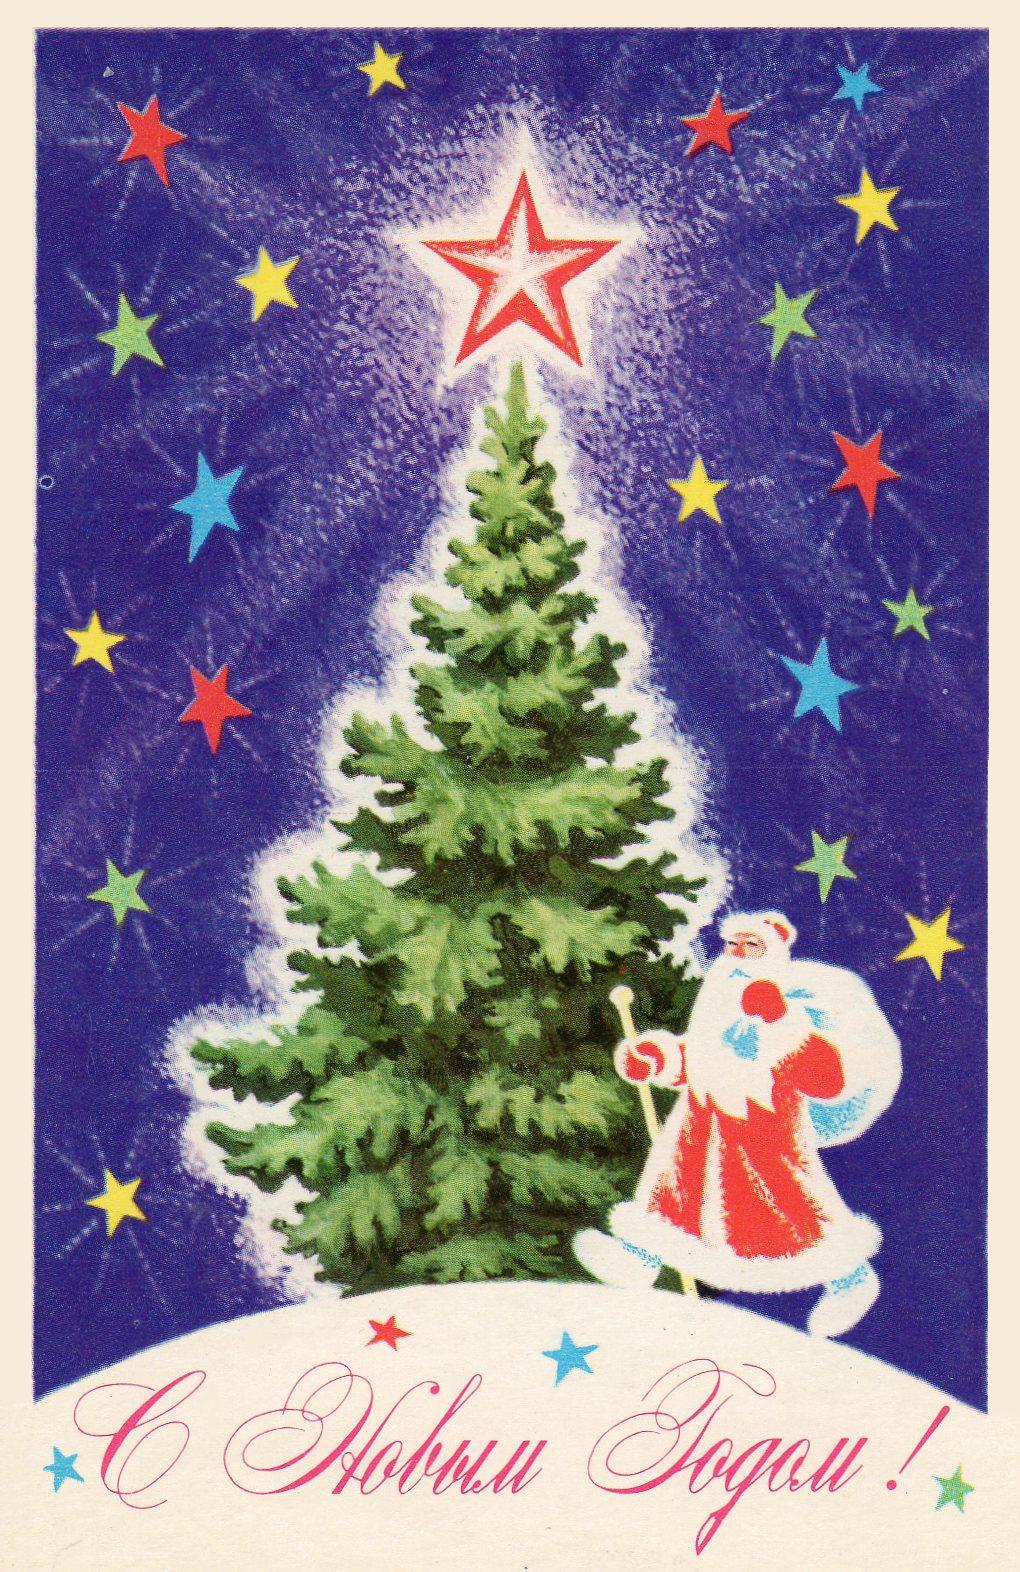 Новогодняя открытка. С Новым годом!. Дед Мороз  шагает открытки фото рисунки картинки поздравления